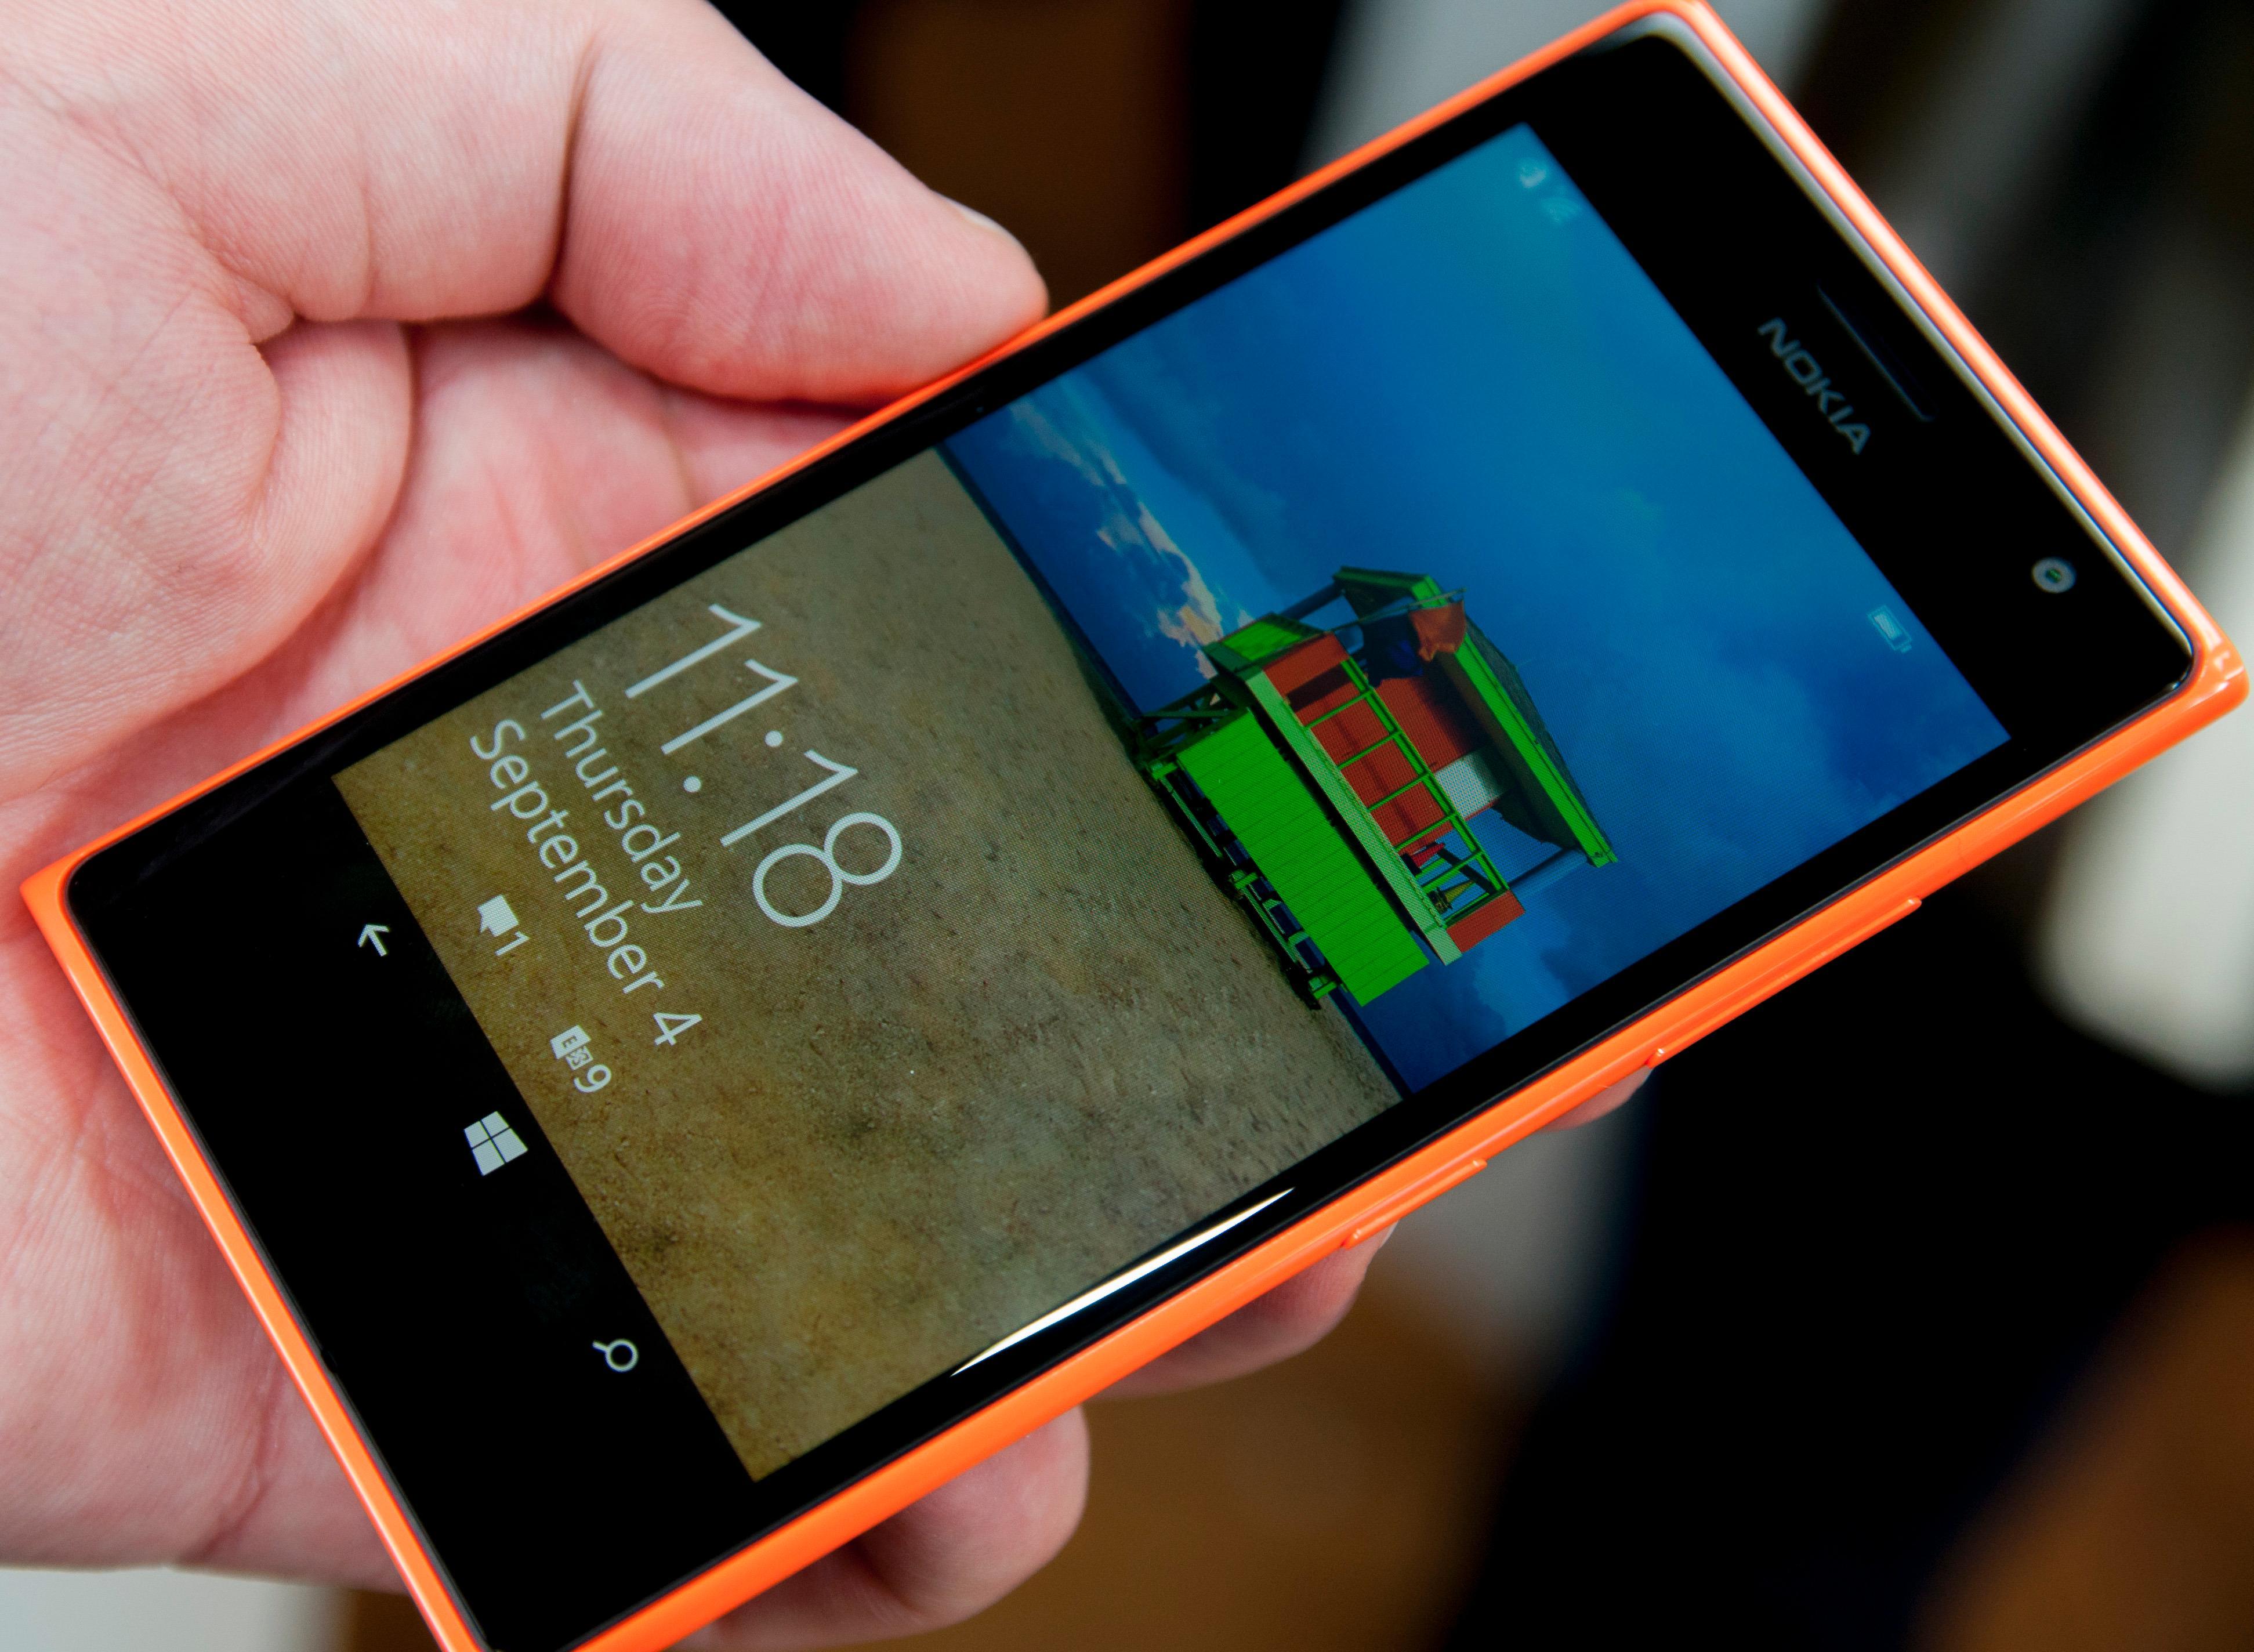 En god AMOLED-skjerm og avrundet skjermglass bidrar til kvalitetsfølelsen.Foto: Finn Jarle Kvalheim, Amobil.no